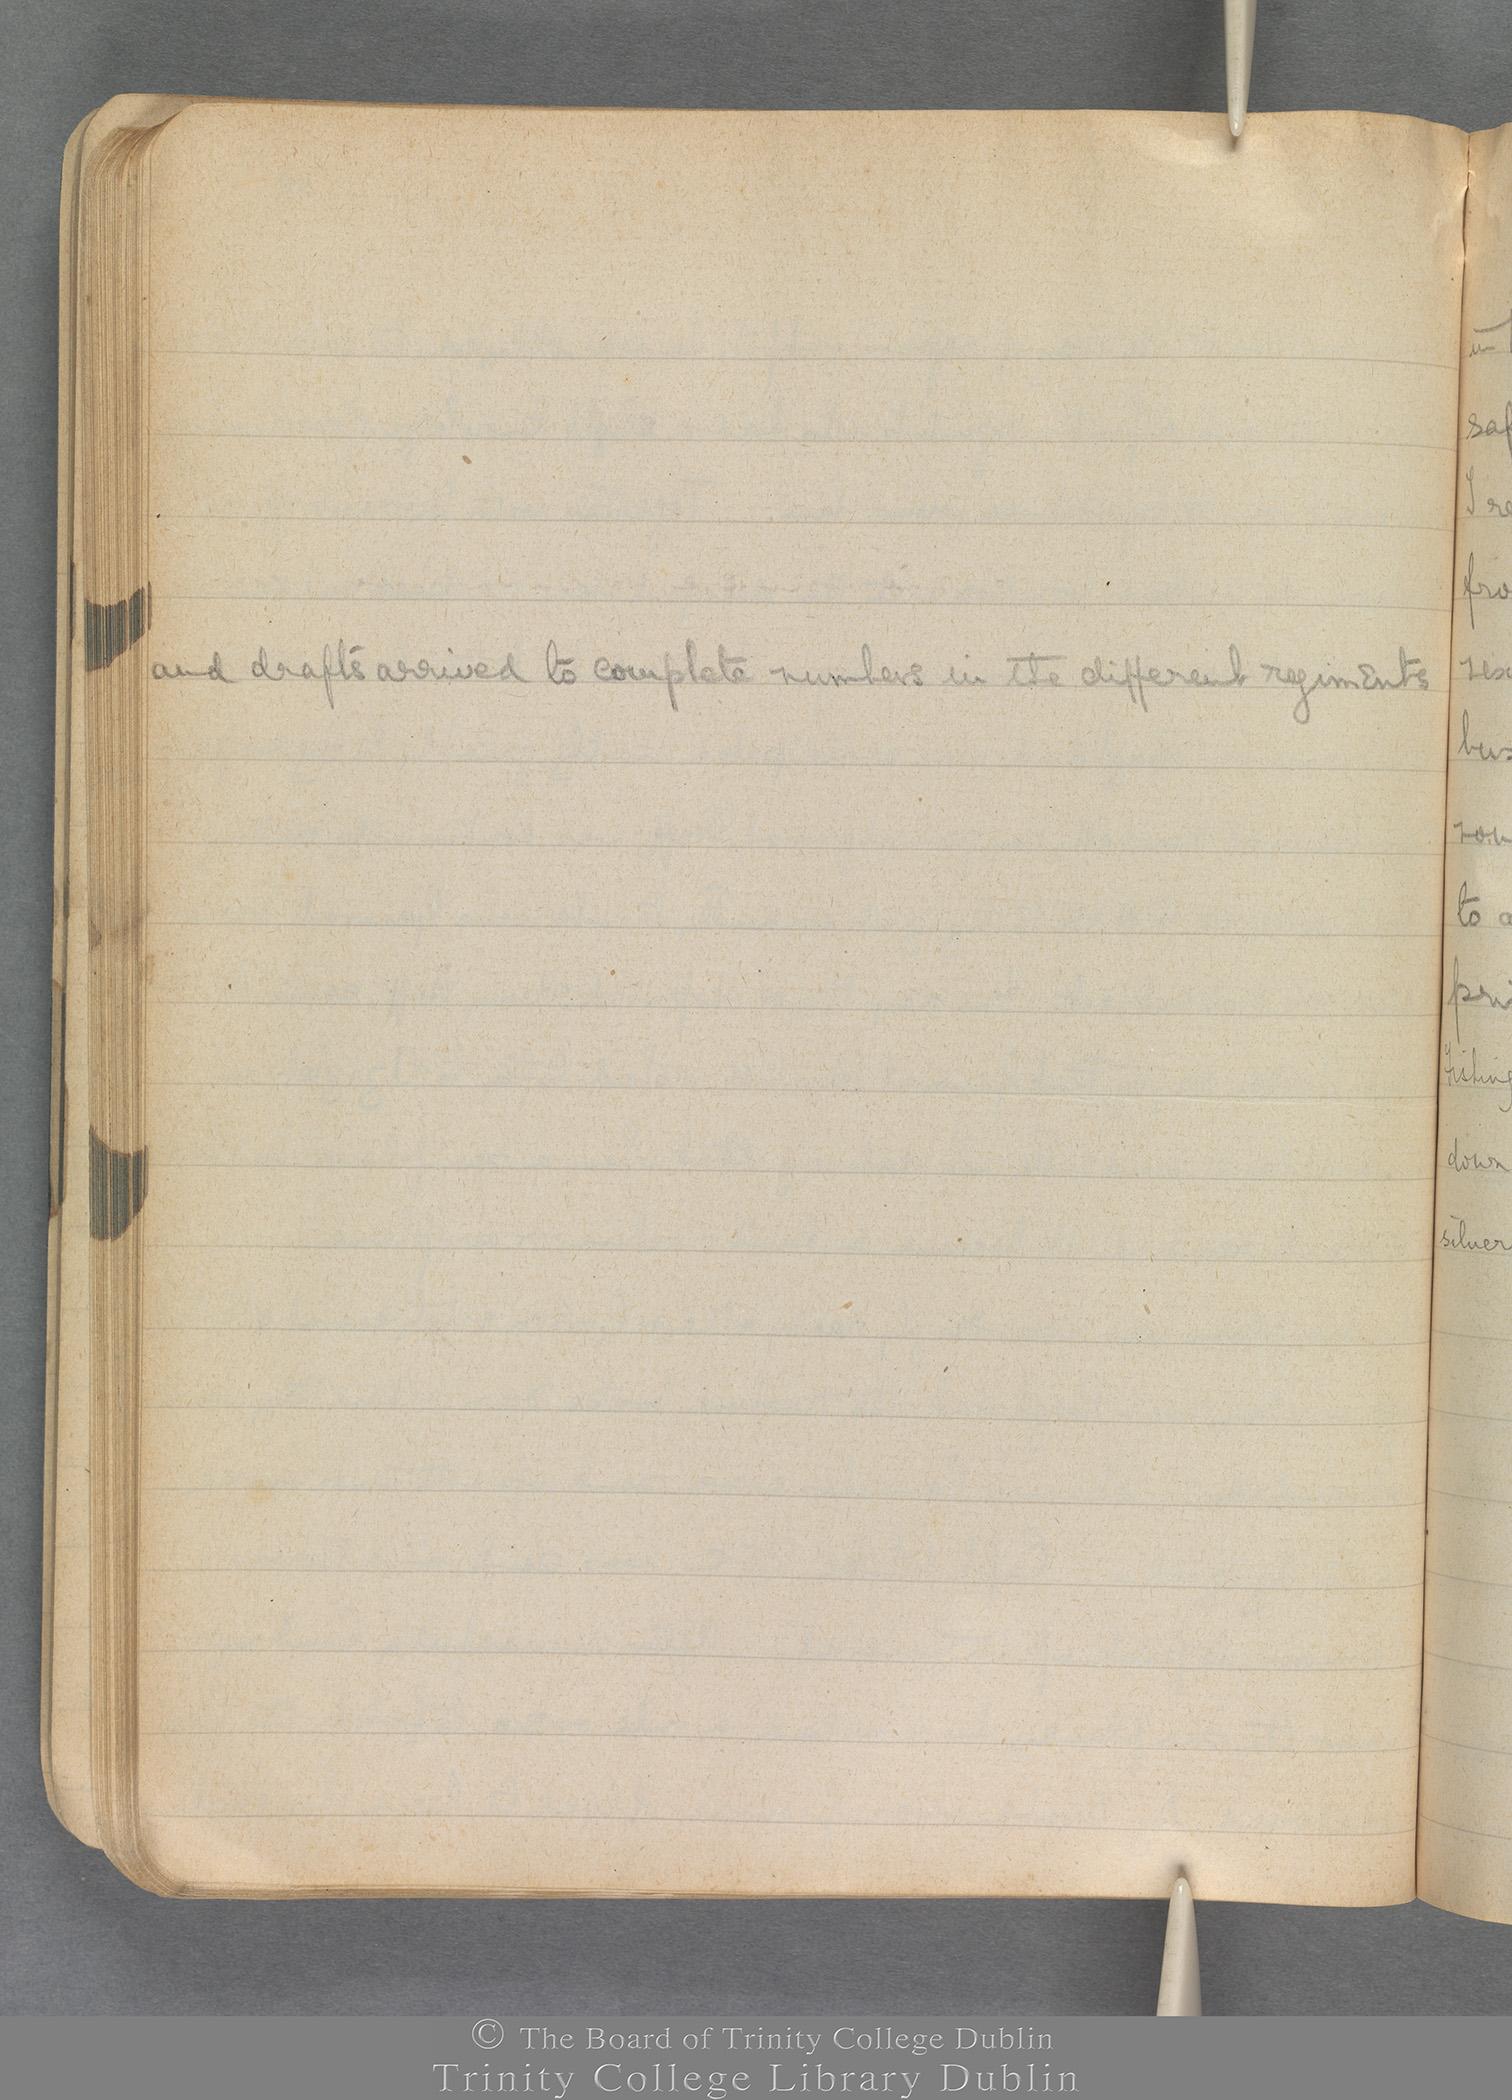 TCD MS 3414 folio 58 verso